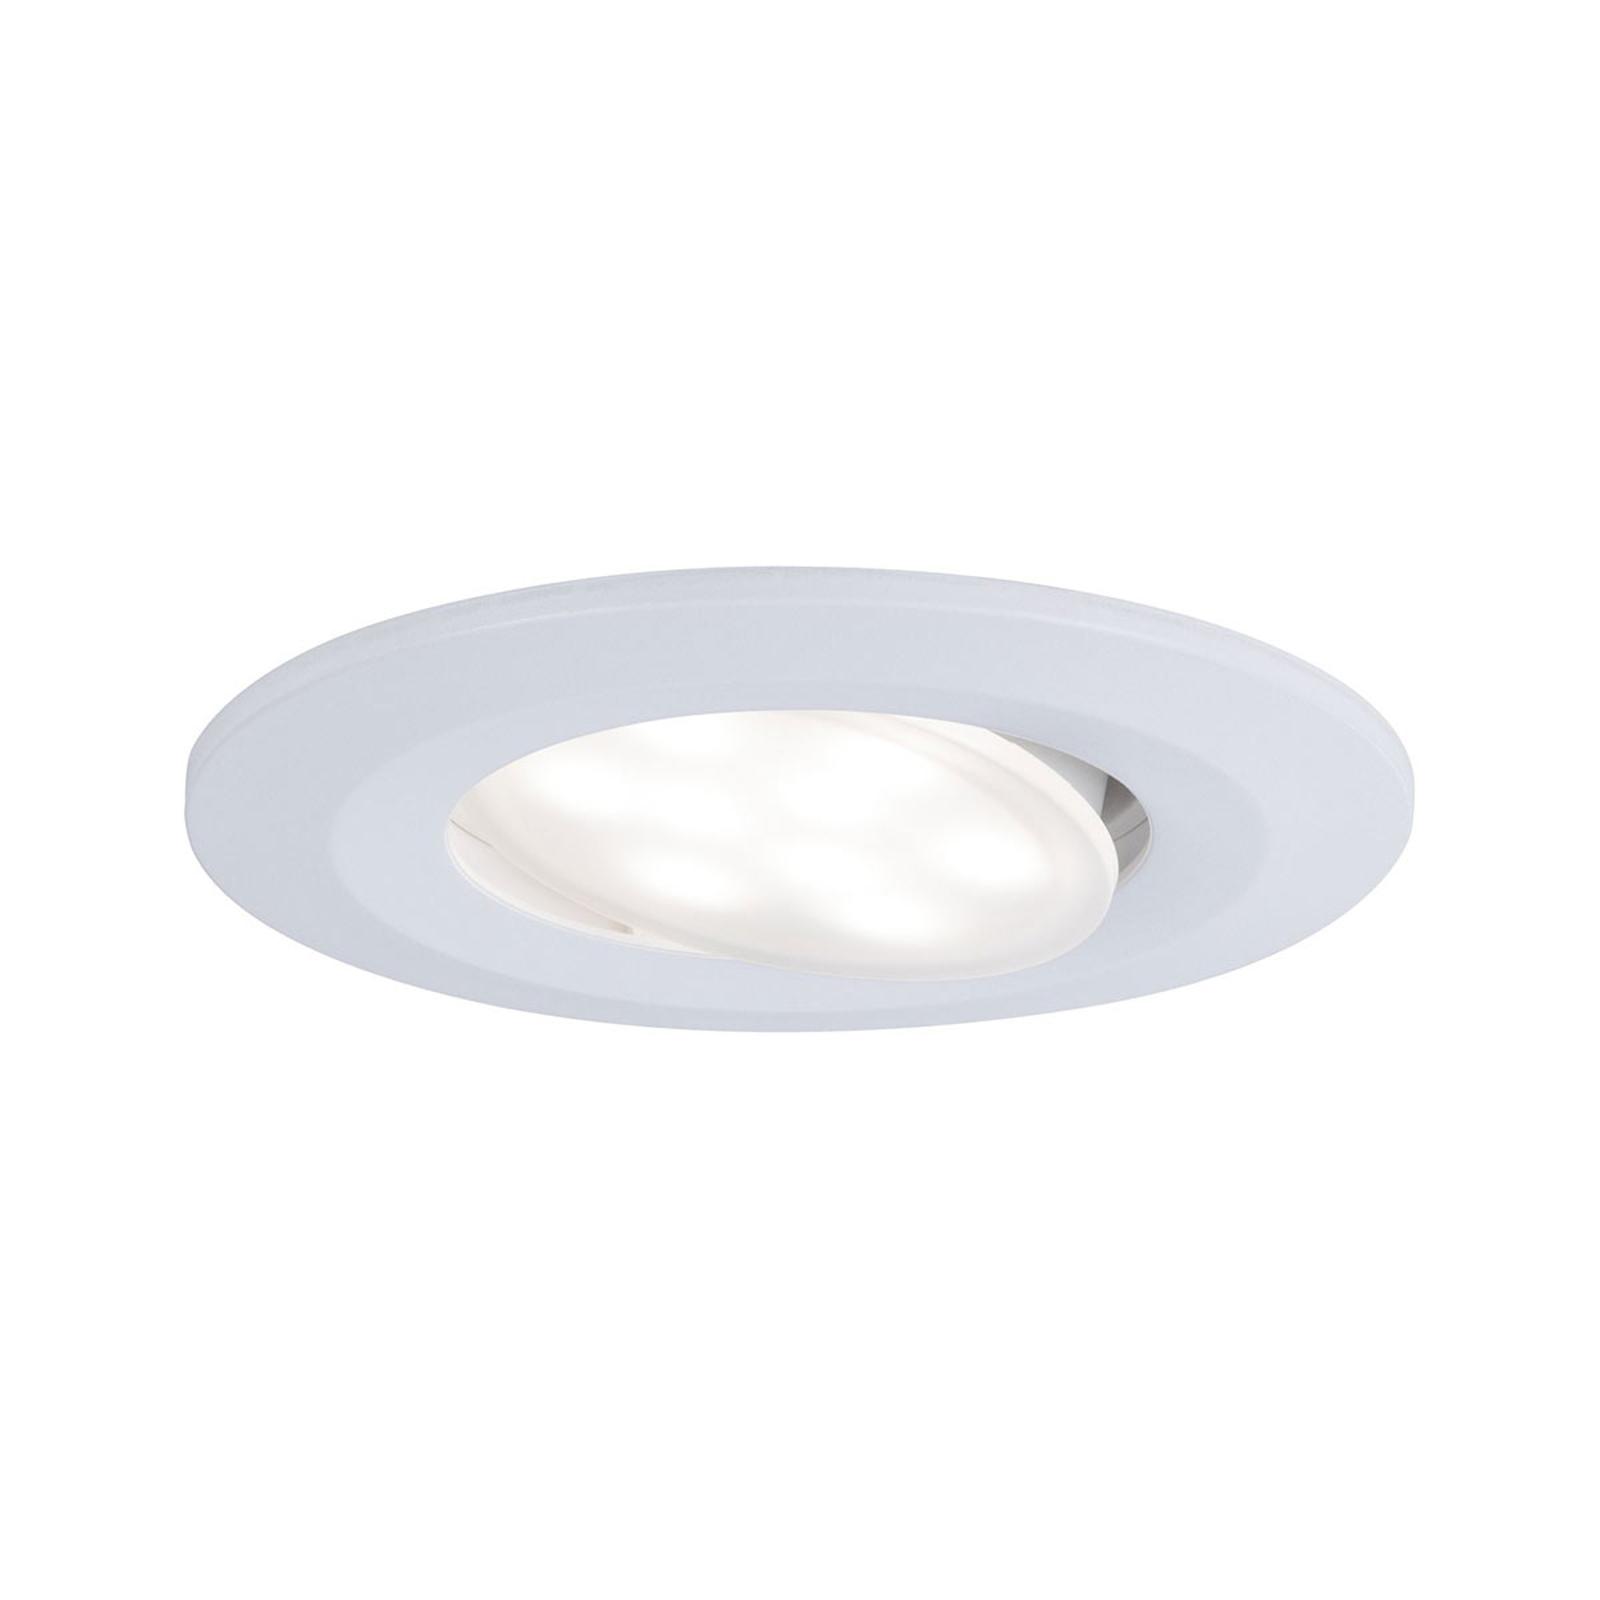 Paulmann utendørs LED-innfellingsspot Calla, hvit